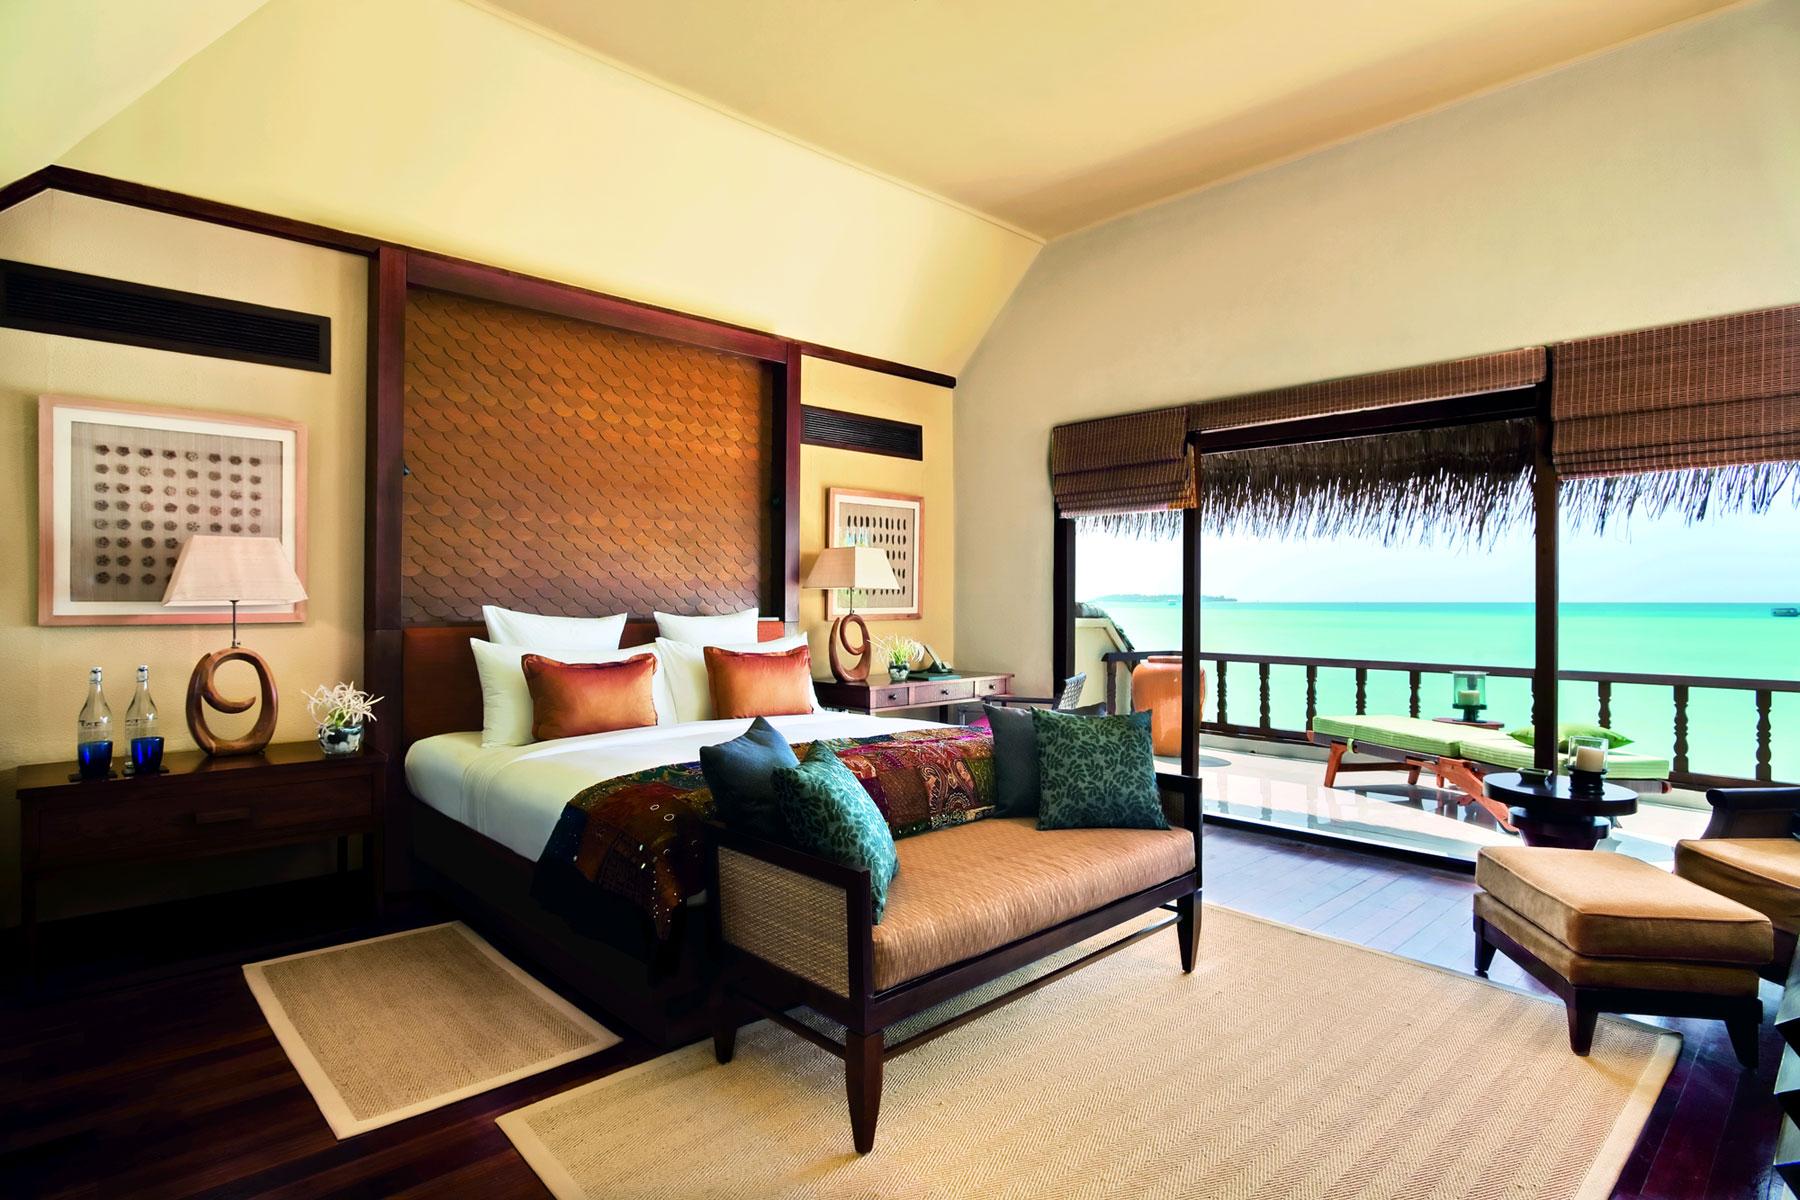 5 Star Taj Exotica Resort And Spa Maldives Architecture Amp Design